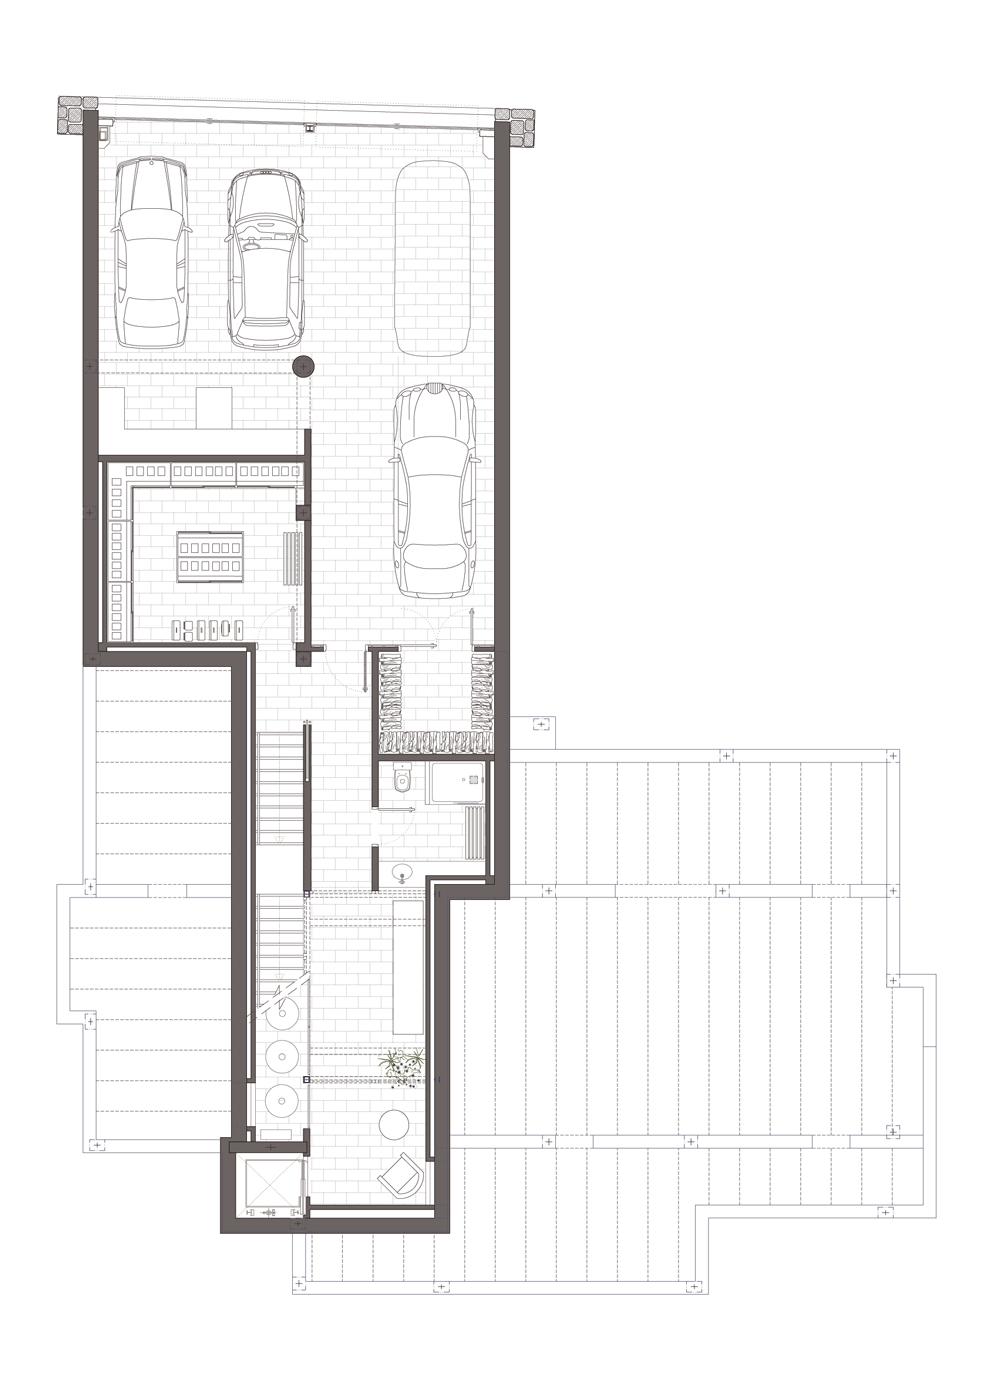 Planta soterrani. Projecte d'obra nova i disseny 3D: 2012 - Habitatge unifamiliar aïllat a Arenys de Mar